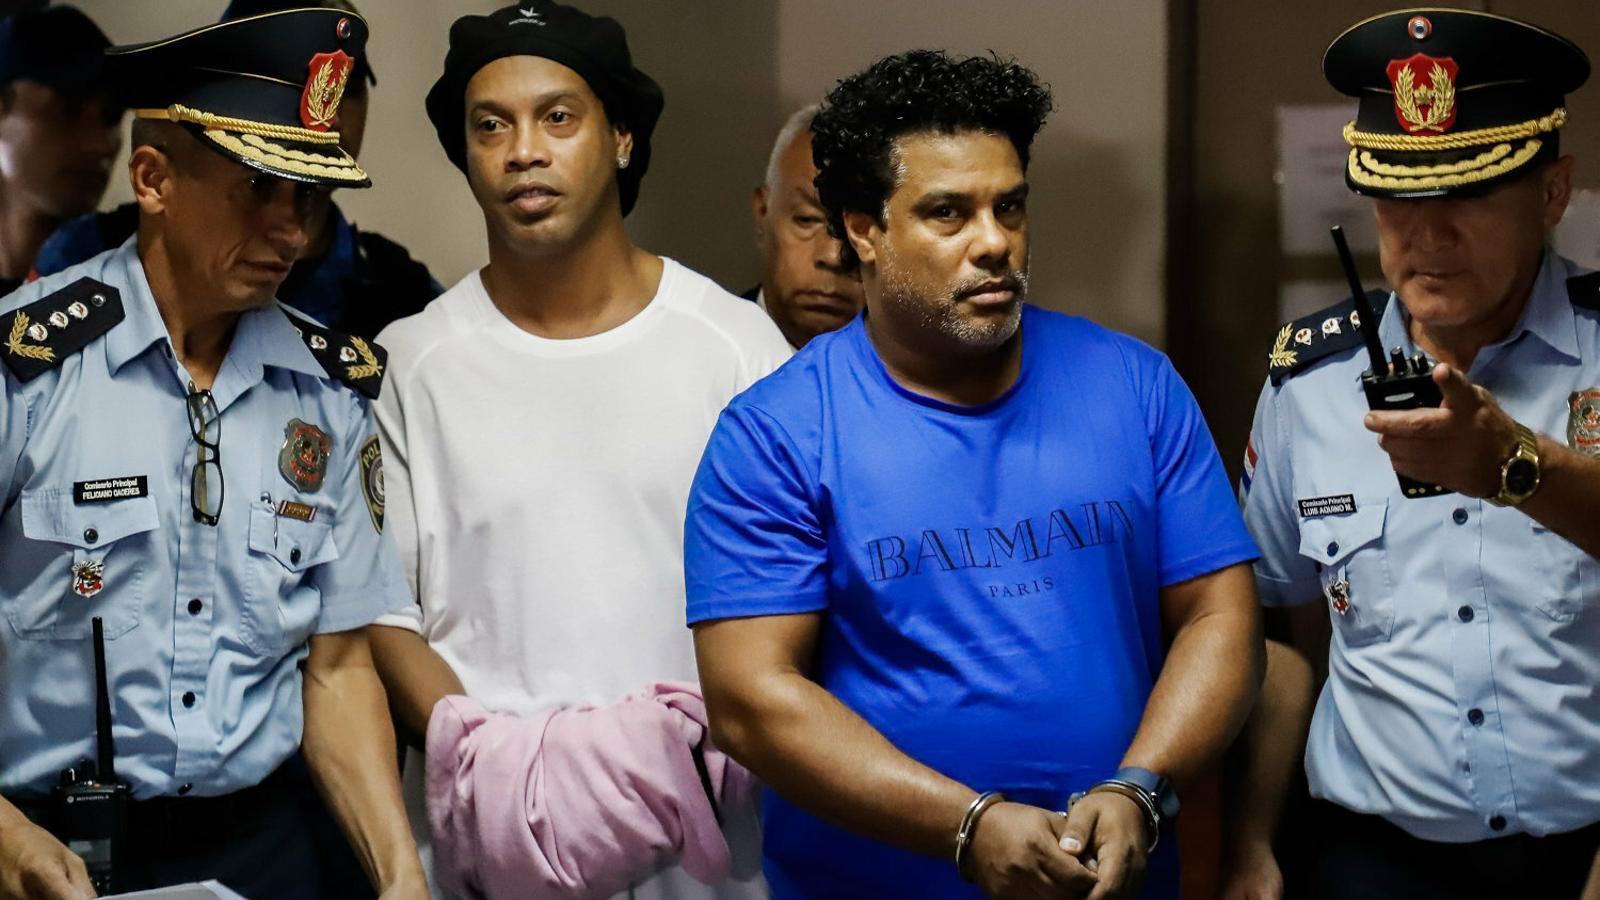 Ronaldinho just abans d'entrar a la presó.